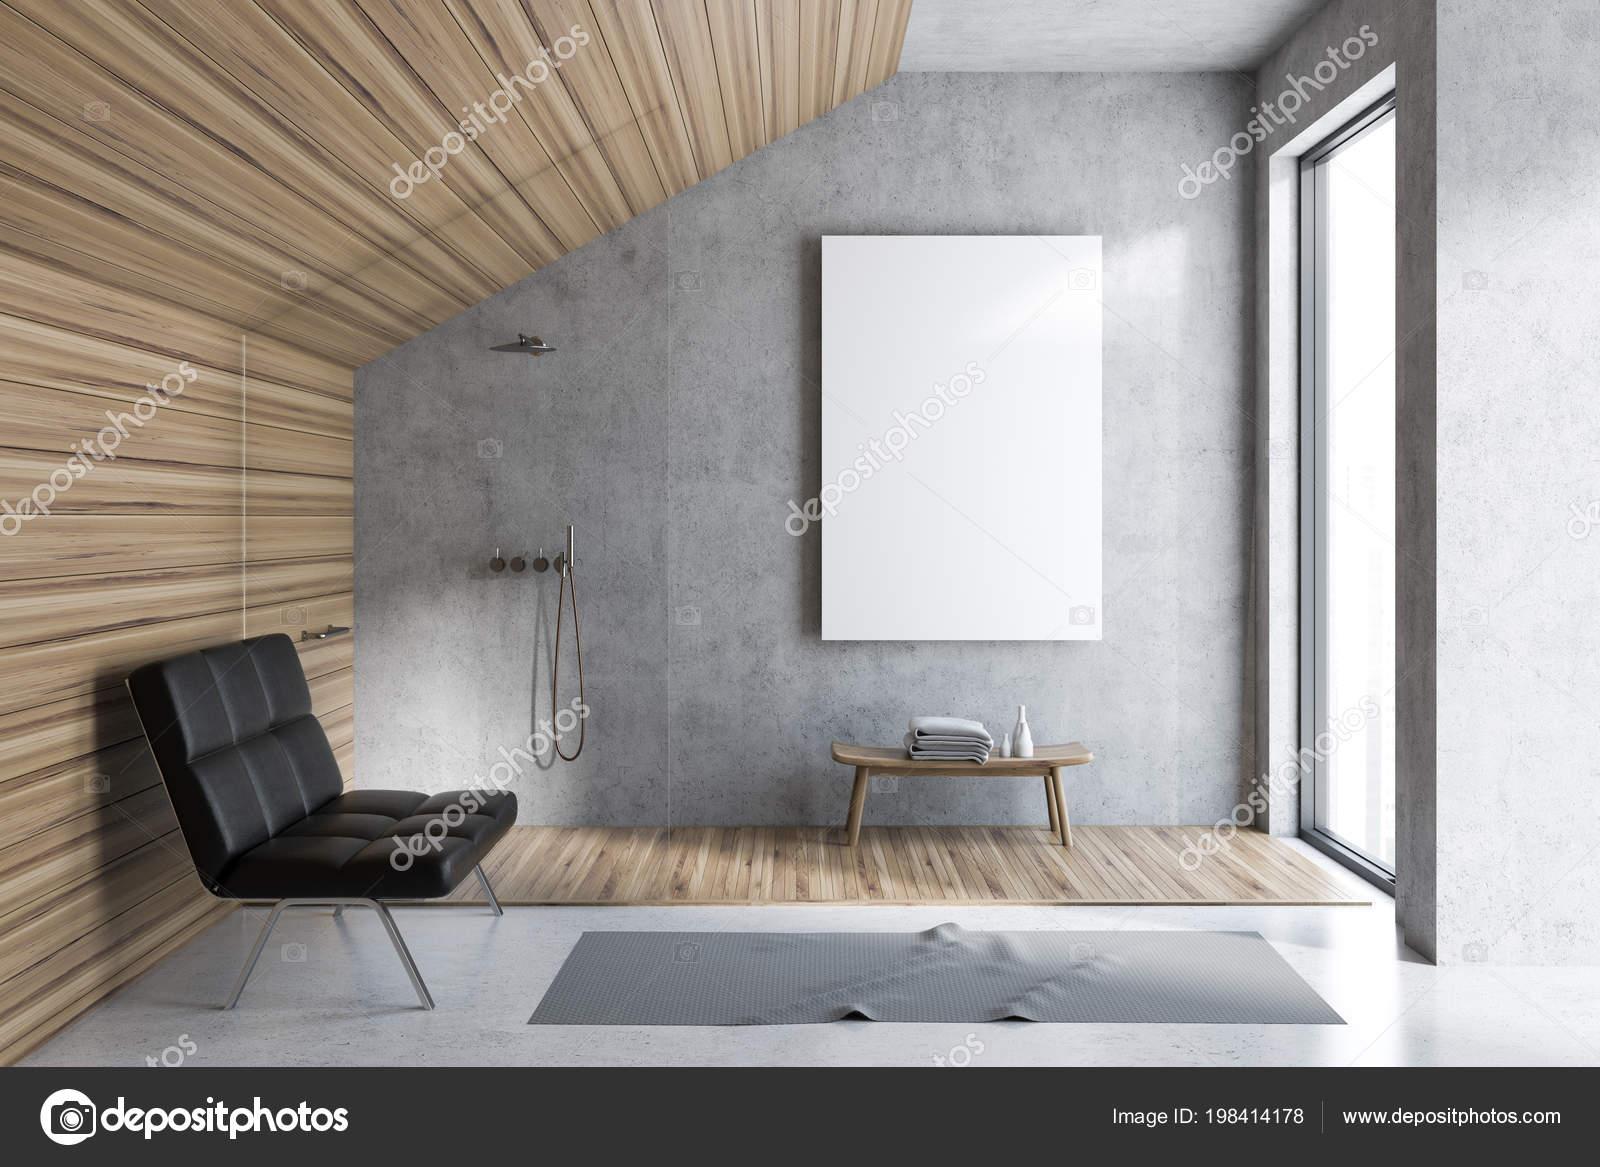 Interni bagno mansarda con pareti legno cemento pavimento cemento